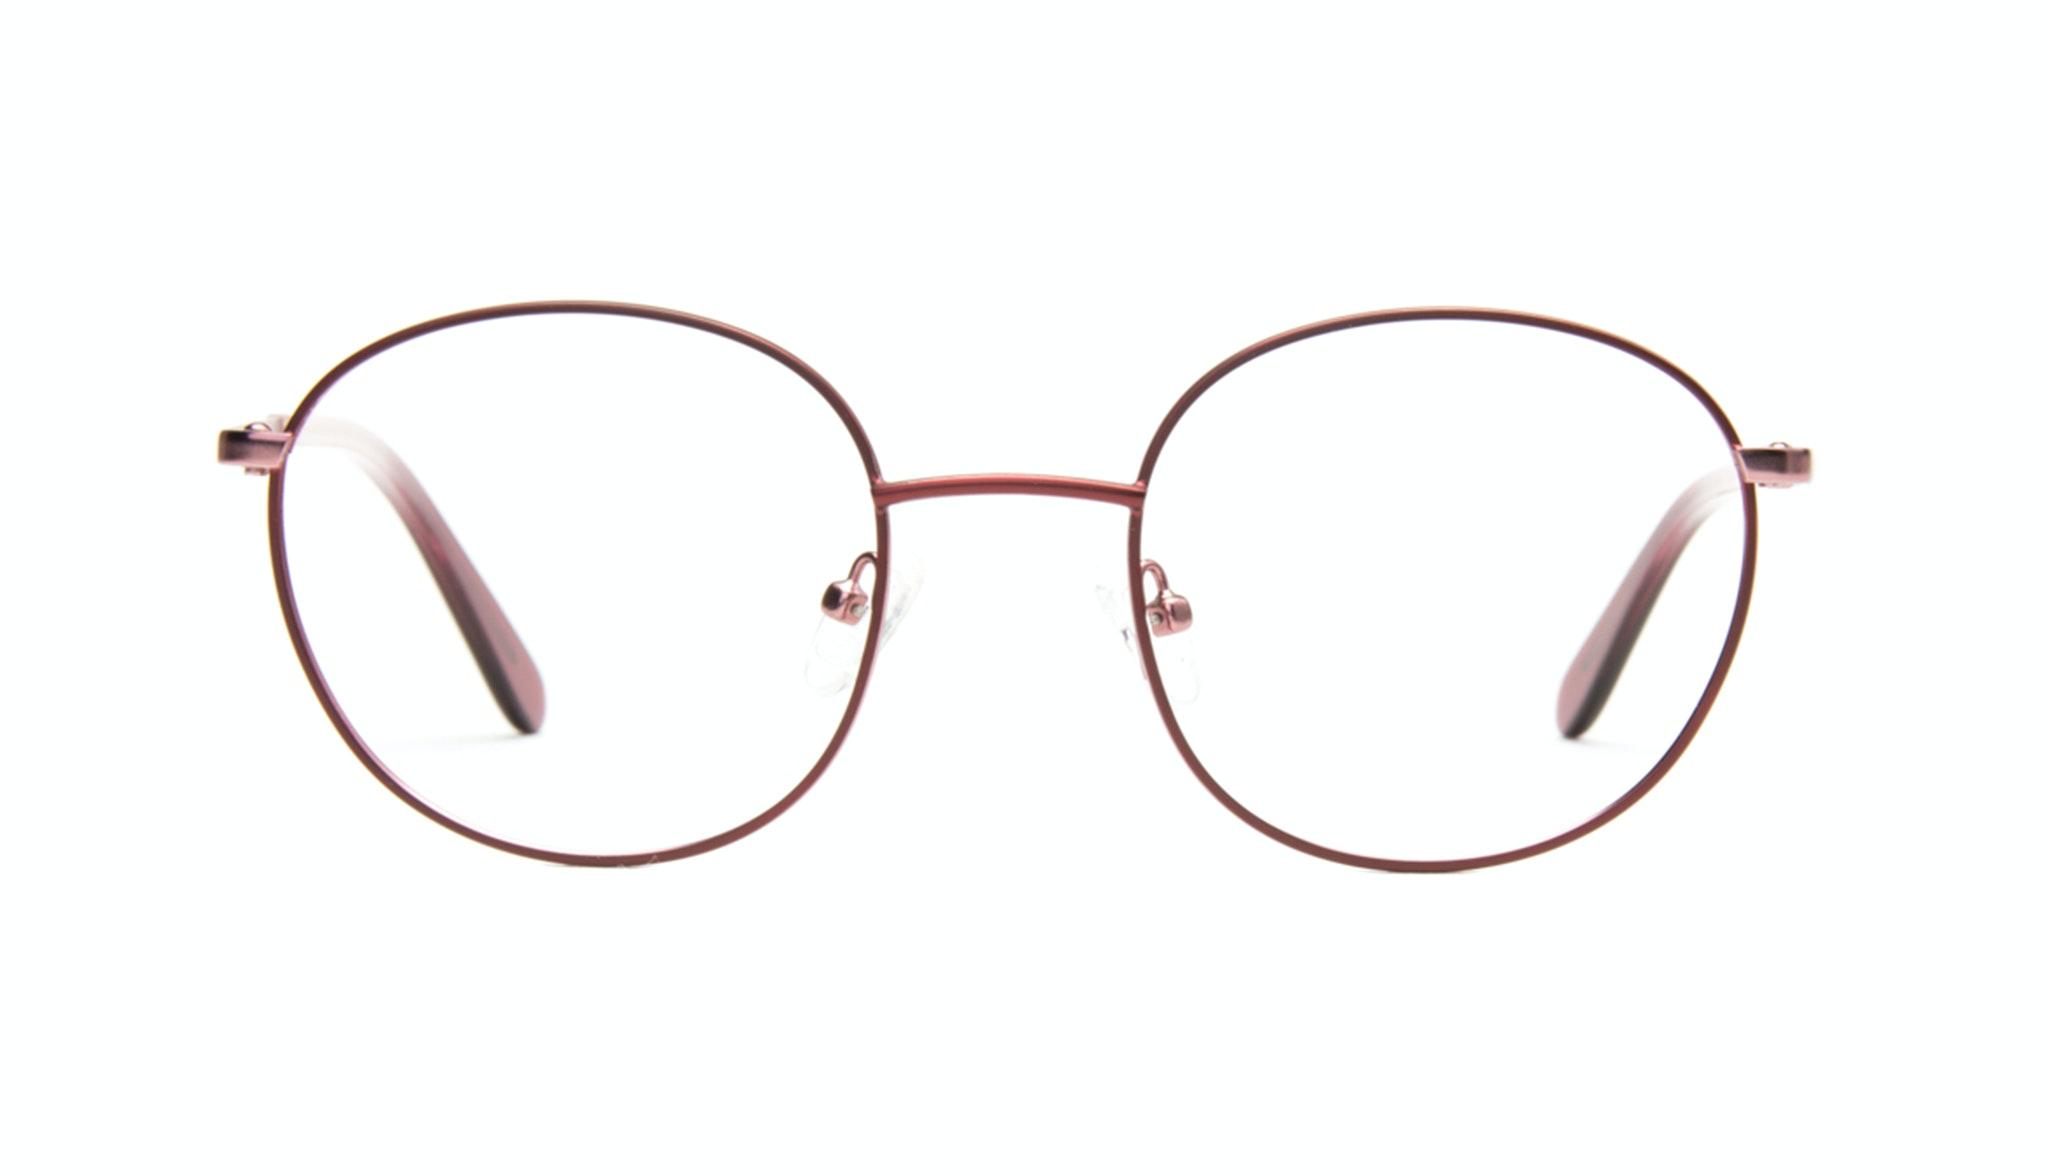 Lunettes tendance Ronde Optiques Femmes Joy Cranberry